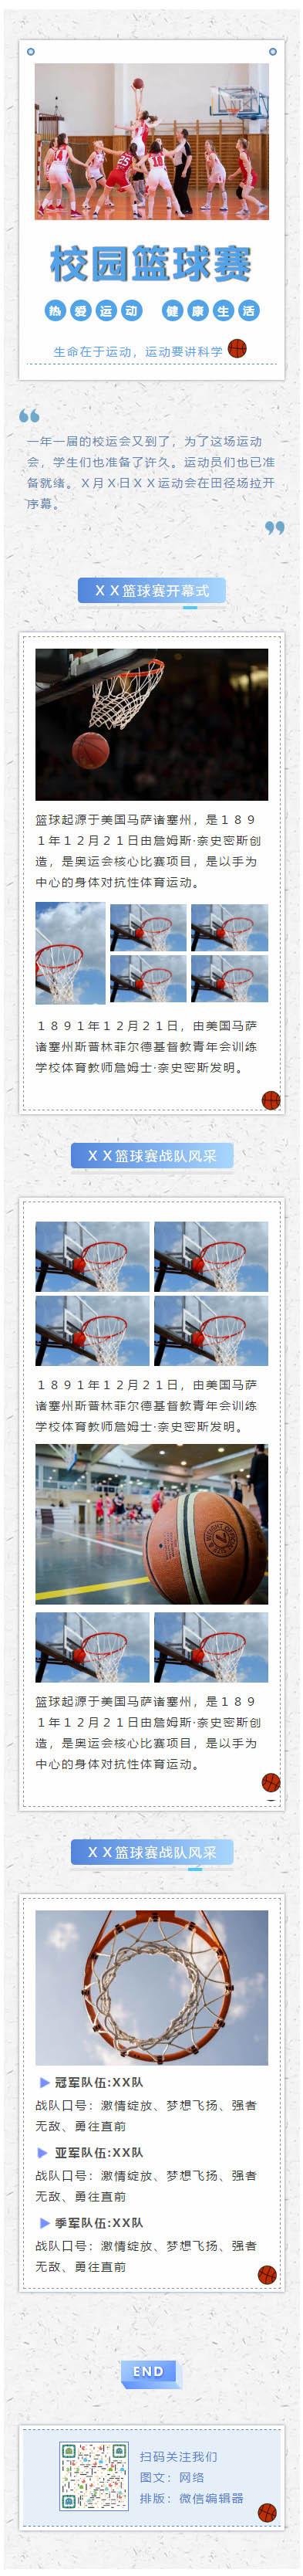 校园篮球赛学校大学运动会校运会教育素材微信模板推送图文章